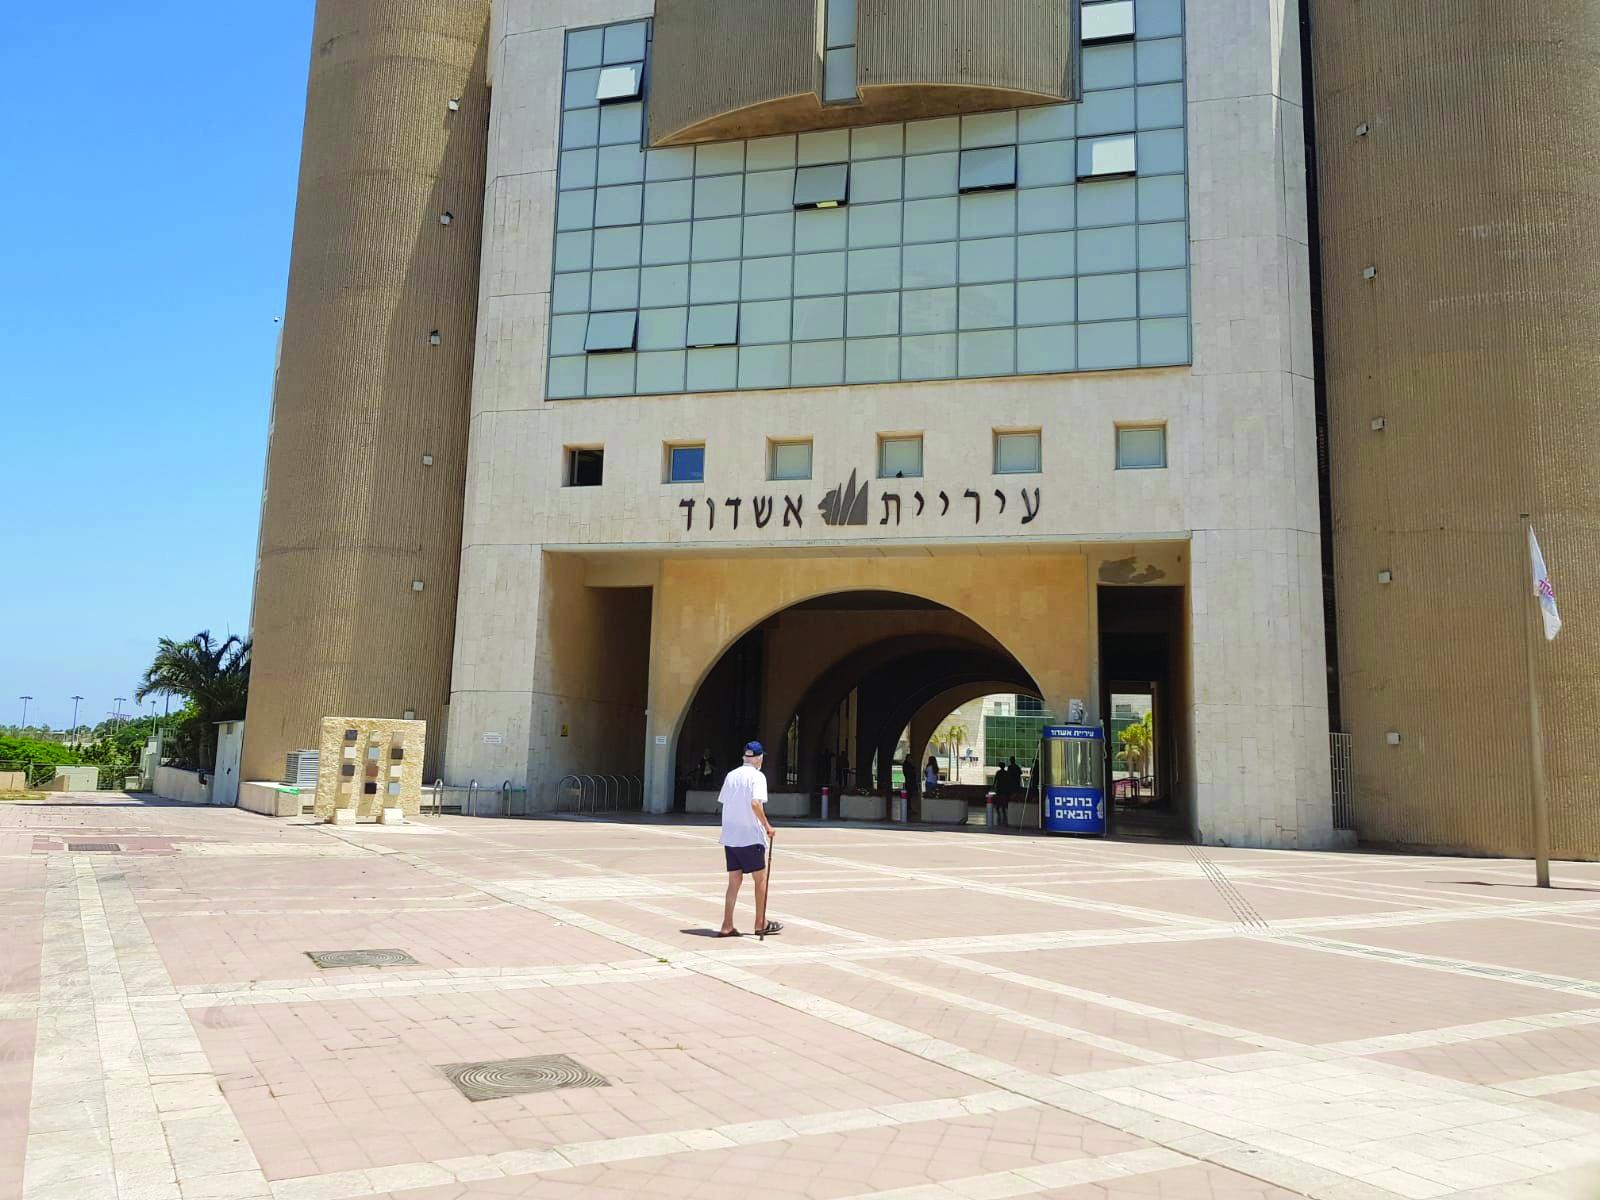 לא יכלו לשתול פה כמה עצים? רחבת העירייה, כיכר העיר אשדוד, לוהטת תחת השמש היוקדת. צילום: אסף ליבוביץ'